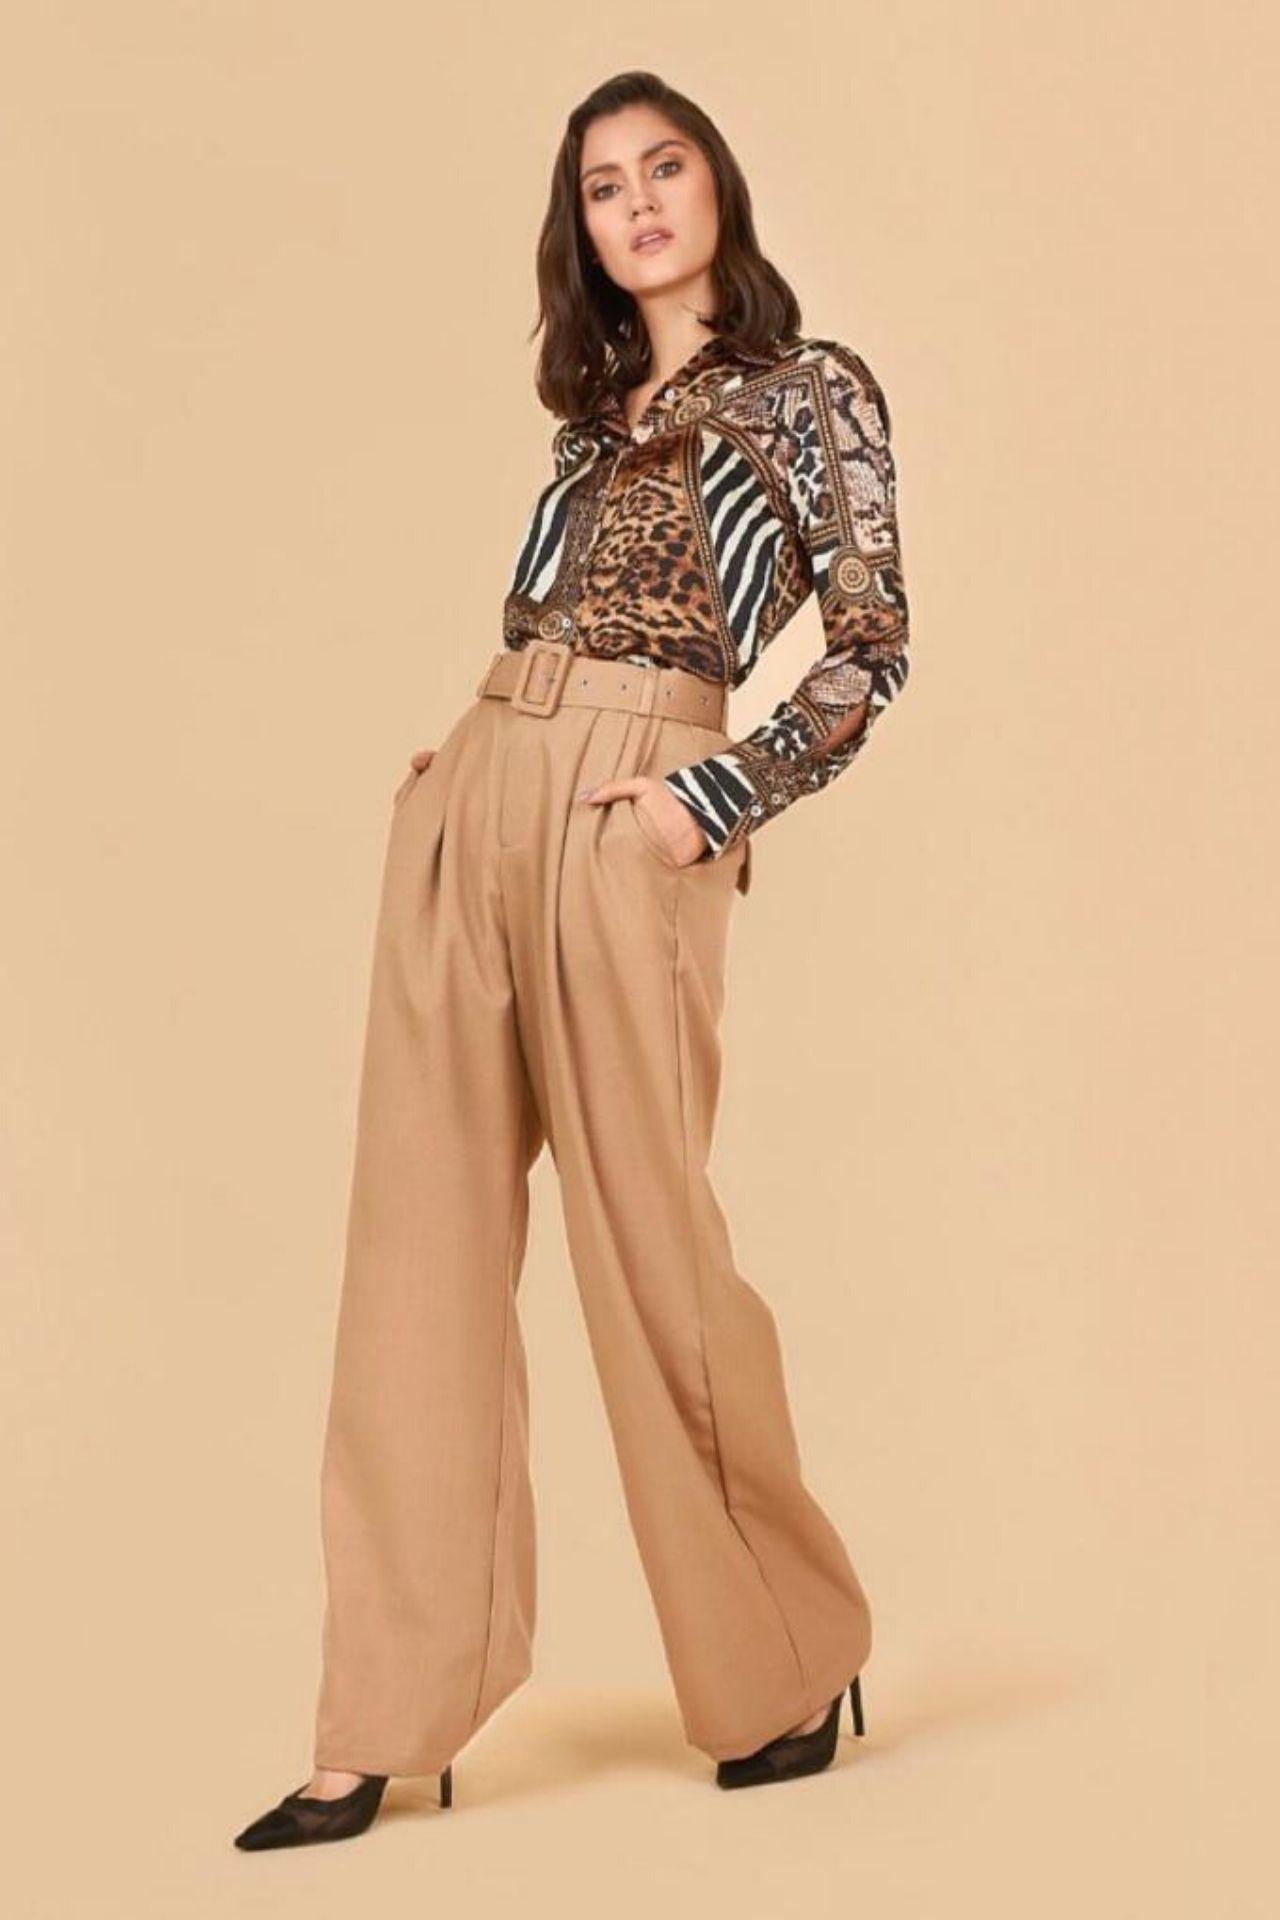 Camila es un must de temporada, hecho de lino italiano con la basta acampanada.  Tambien viene incluido una correa forrada con la misma tela, para ayudar a estilizar más la prenda.  Esta prenda hermosa y fresca puede ser usado para una ocasión formal o casual.